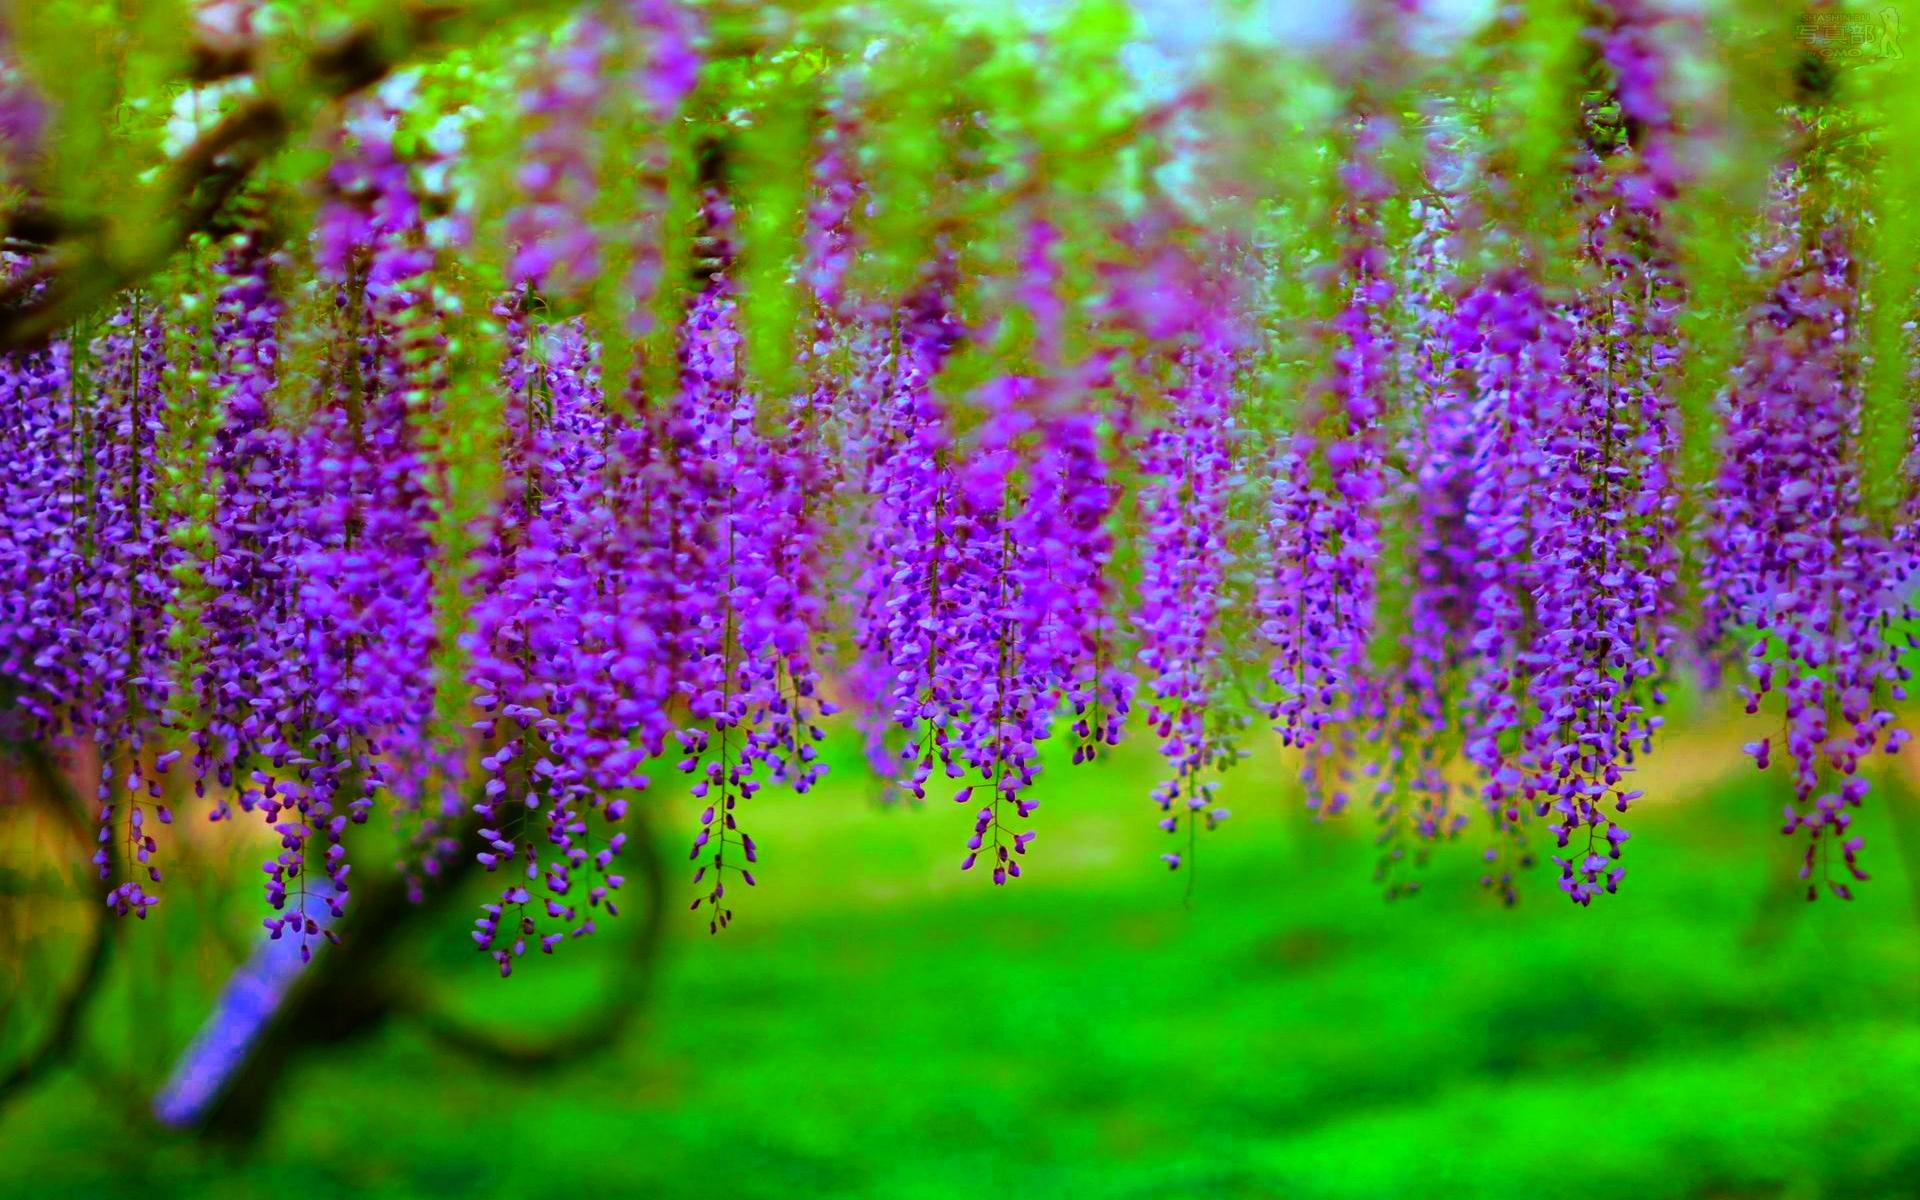 wisteria hd desktop wallpapers 4k hd